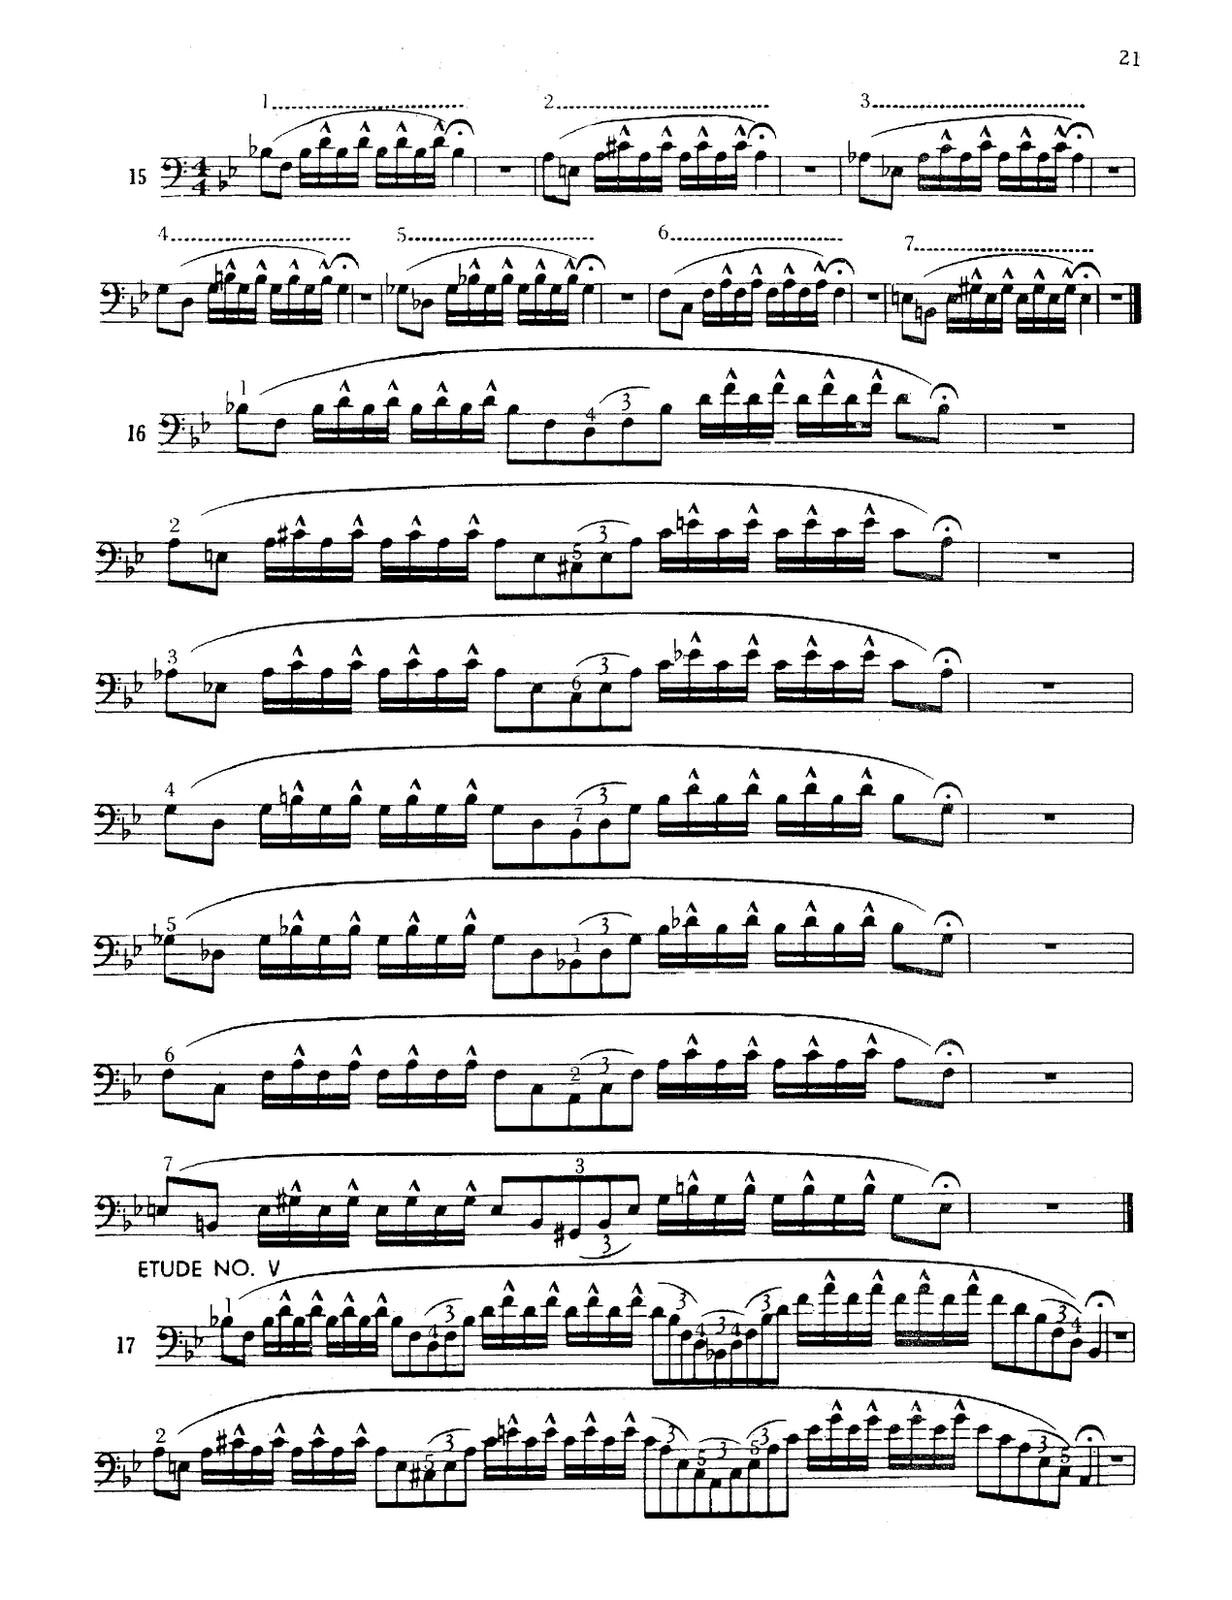 colin-advanced-lip-flexibilities-for-trombone-4